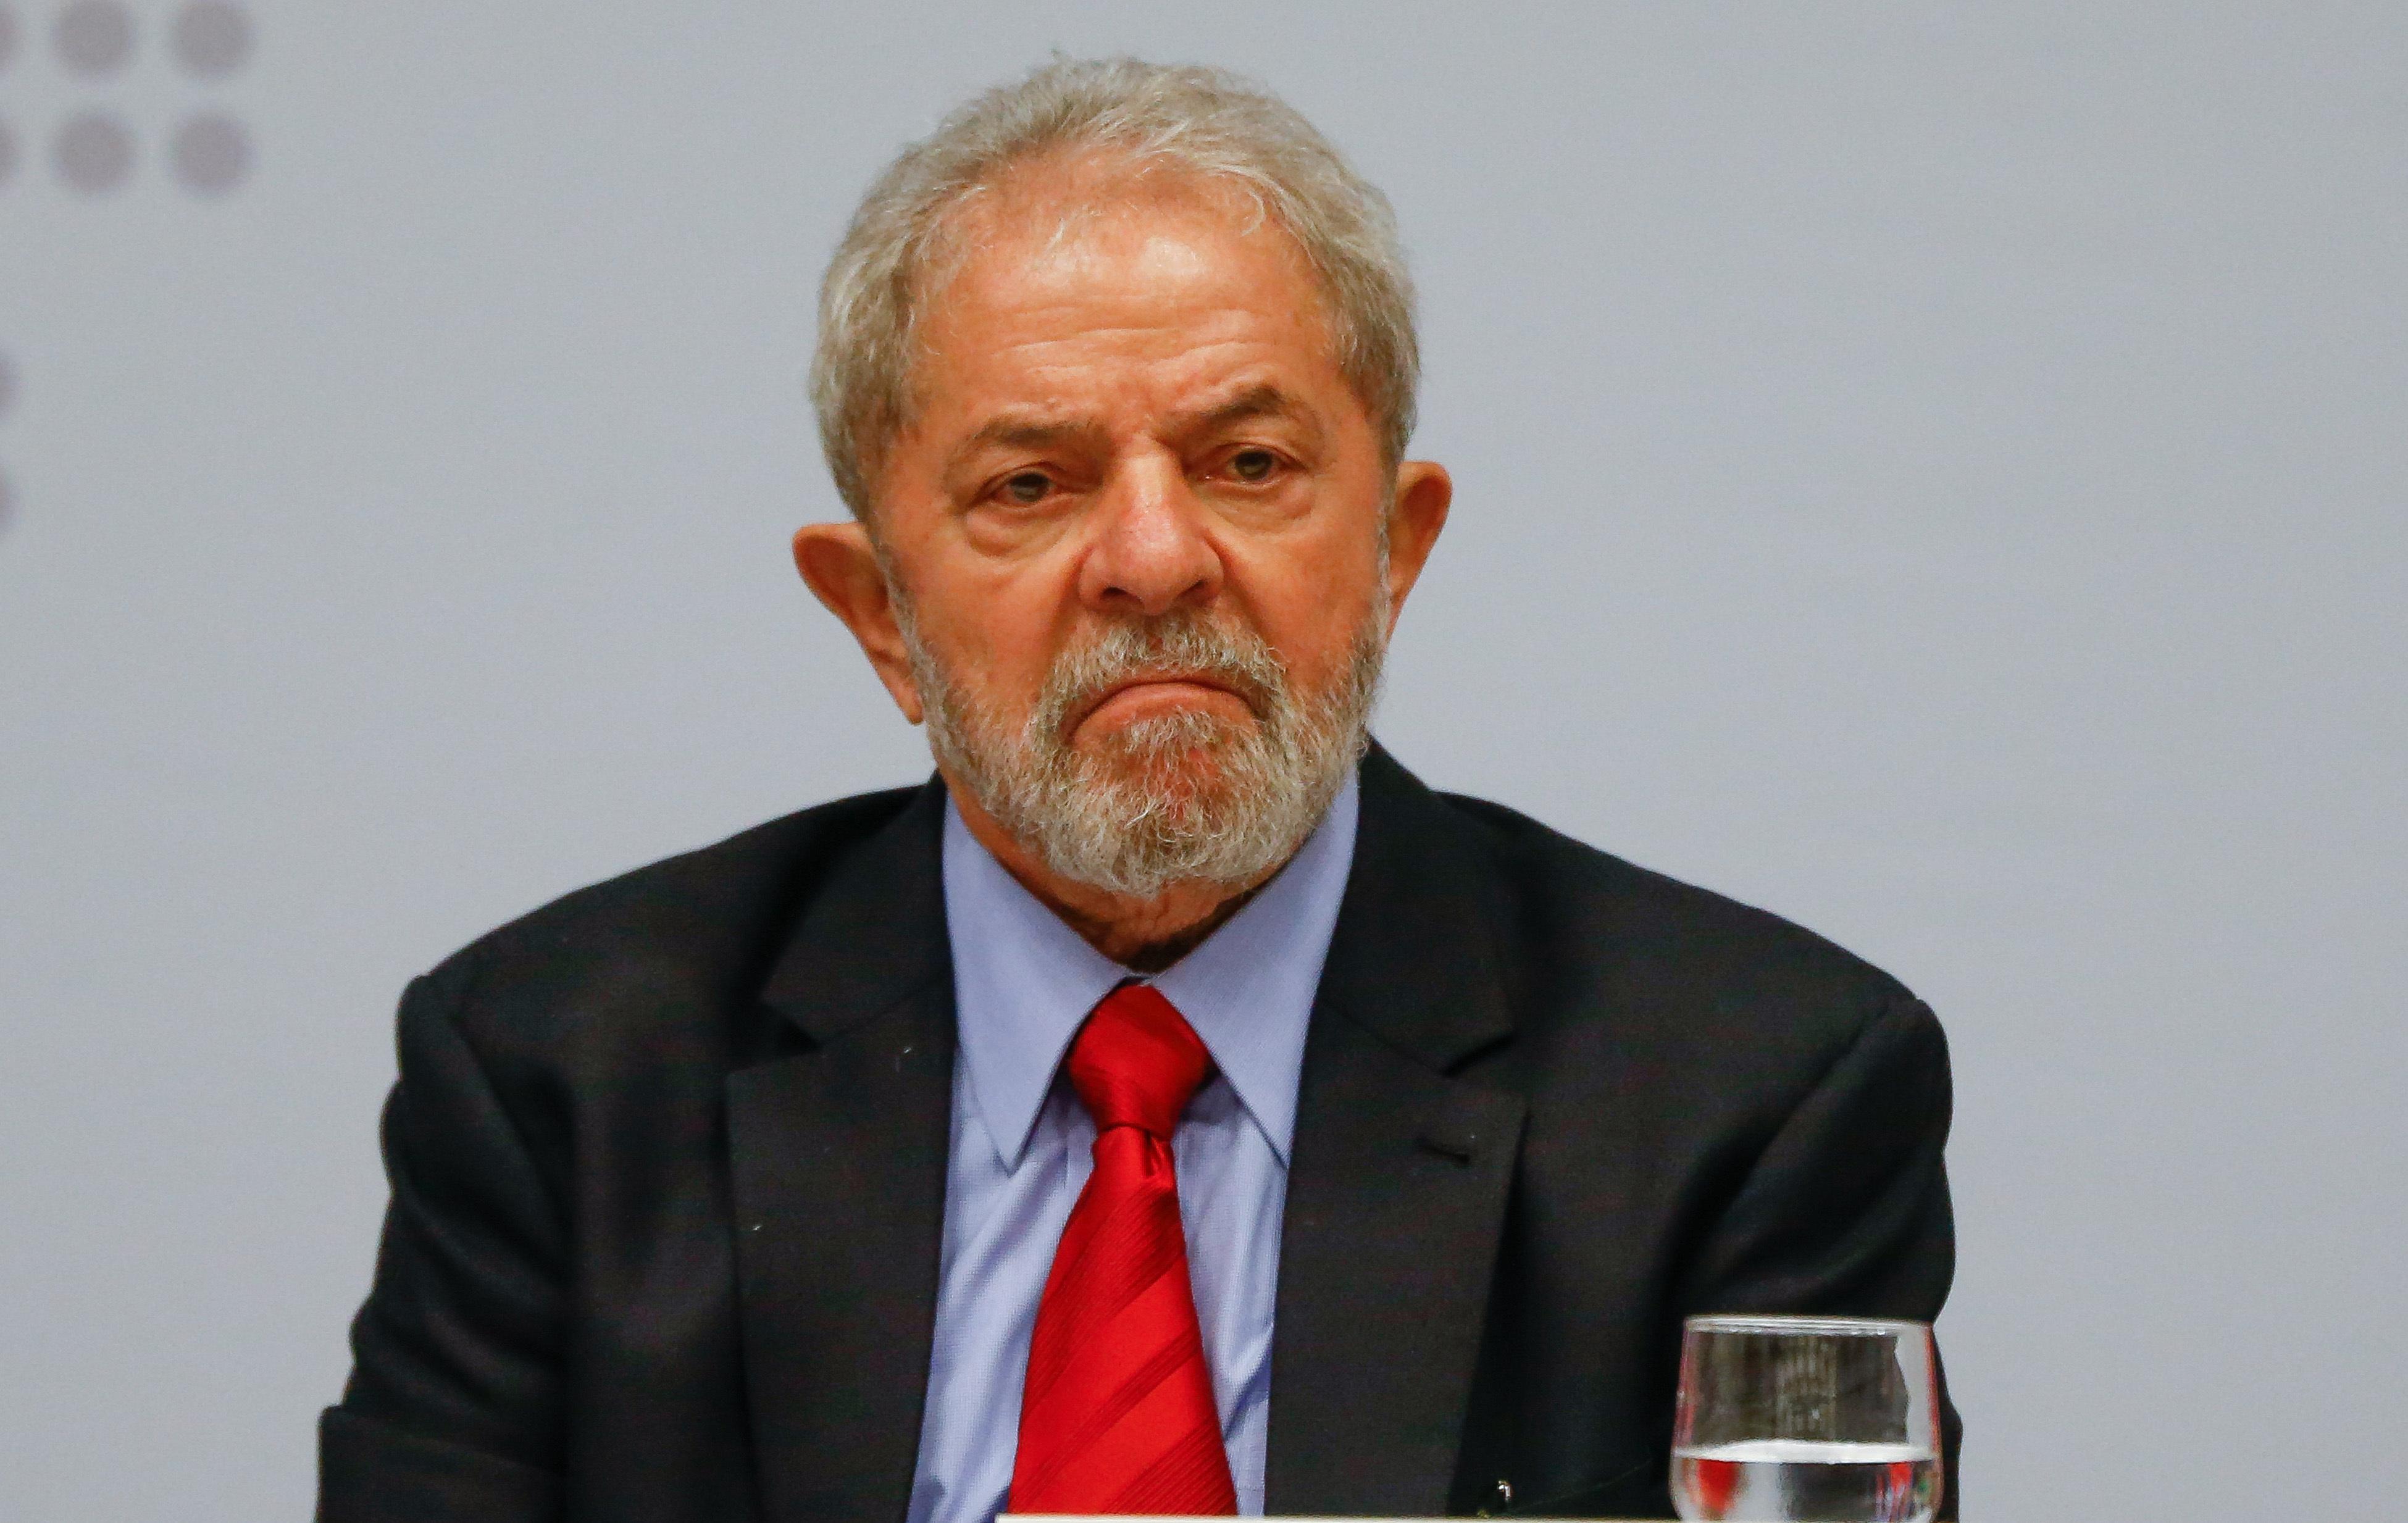 Lula é condenado novamente na Lava Jato no caso do sítio de Atibaia. Lula é réu em outras 7 ações penais